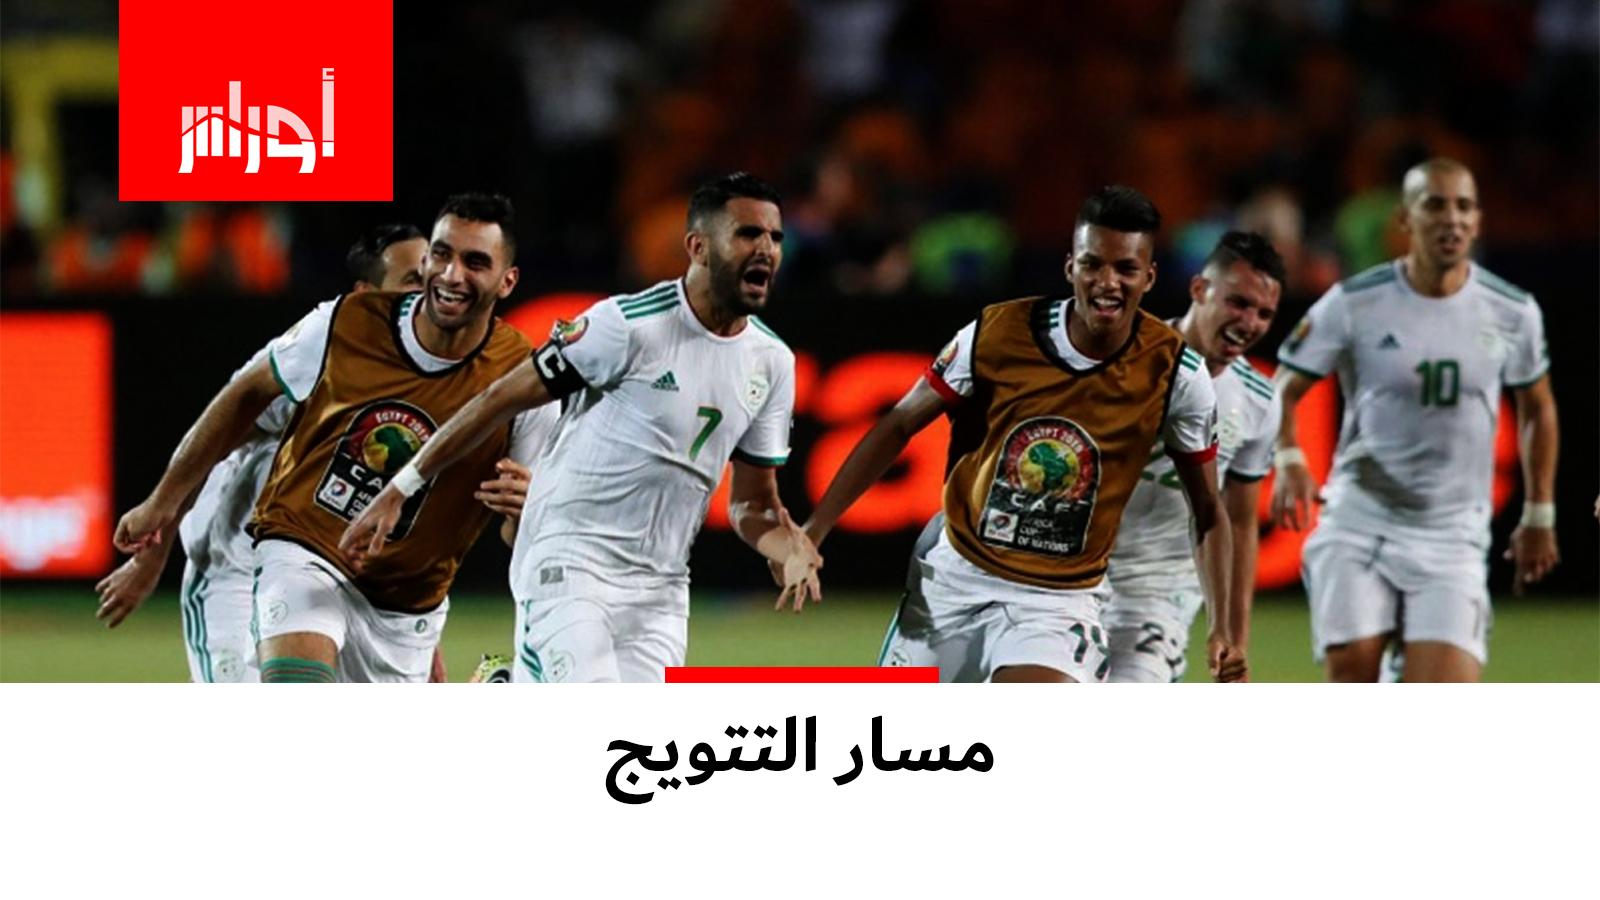 الحلم يقترب.. هذه أبرز اللحظات في مسيرة منتخب #الجزائر إلى نهائي #الكان